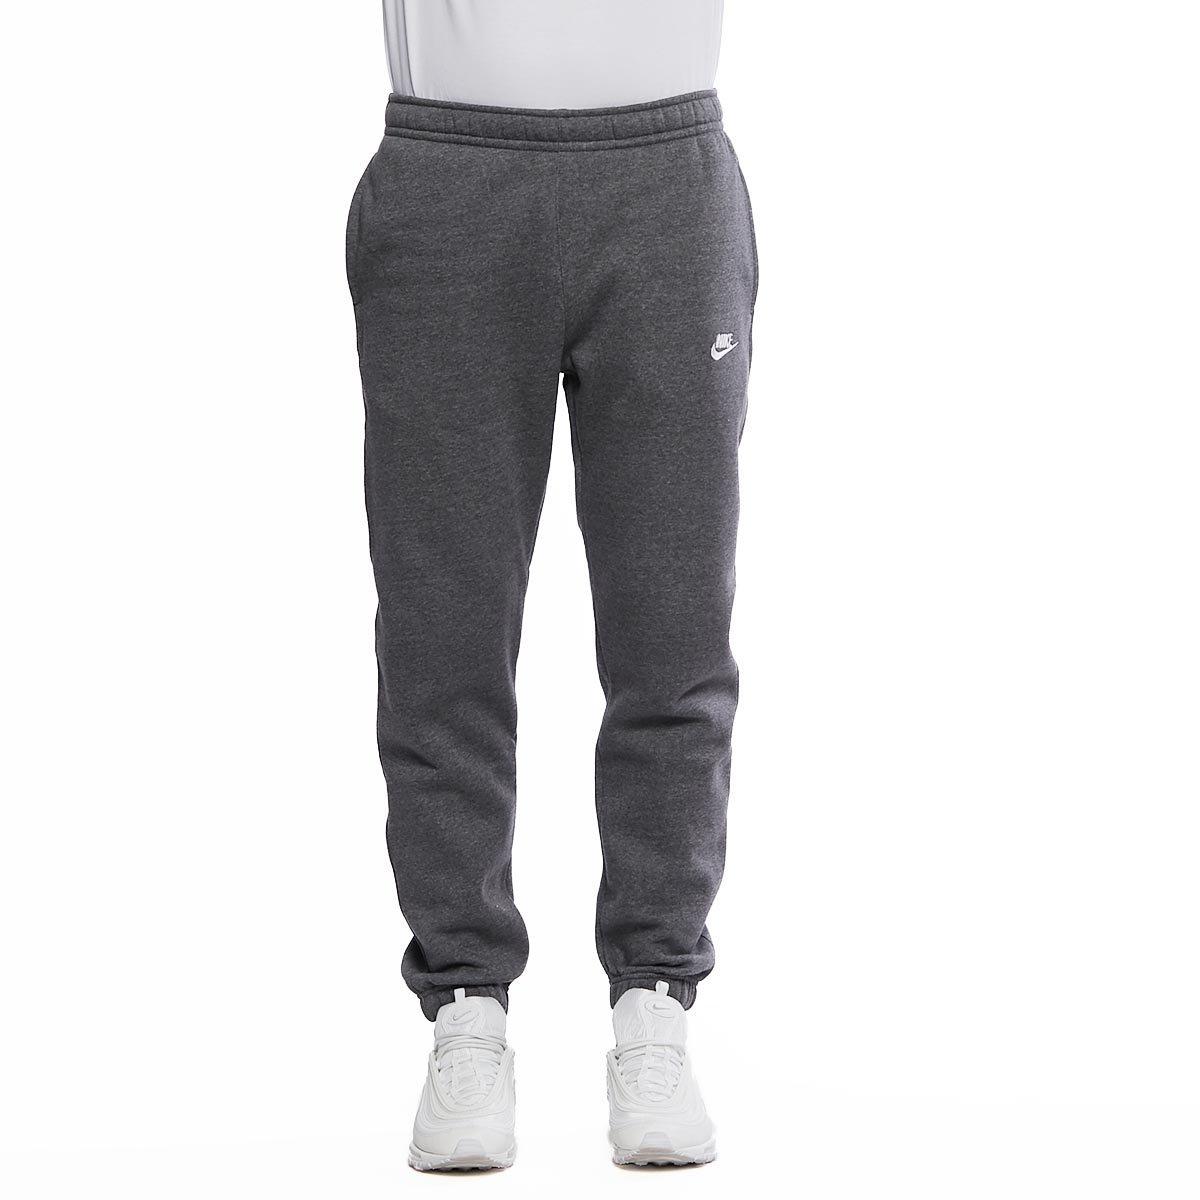 Spodnie dresowe Nike Club Fleece Sweatpants dark grey heather